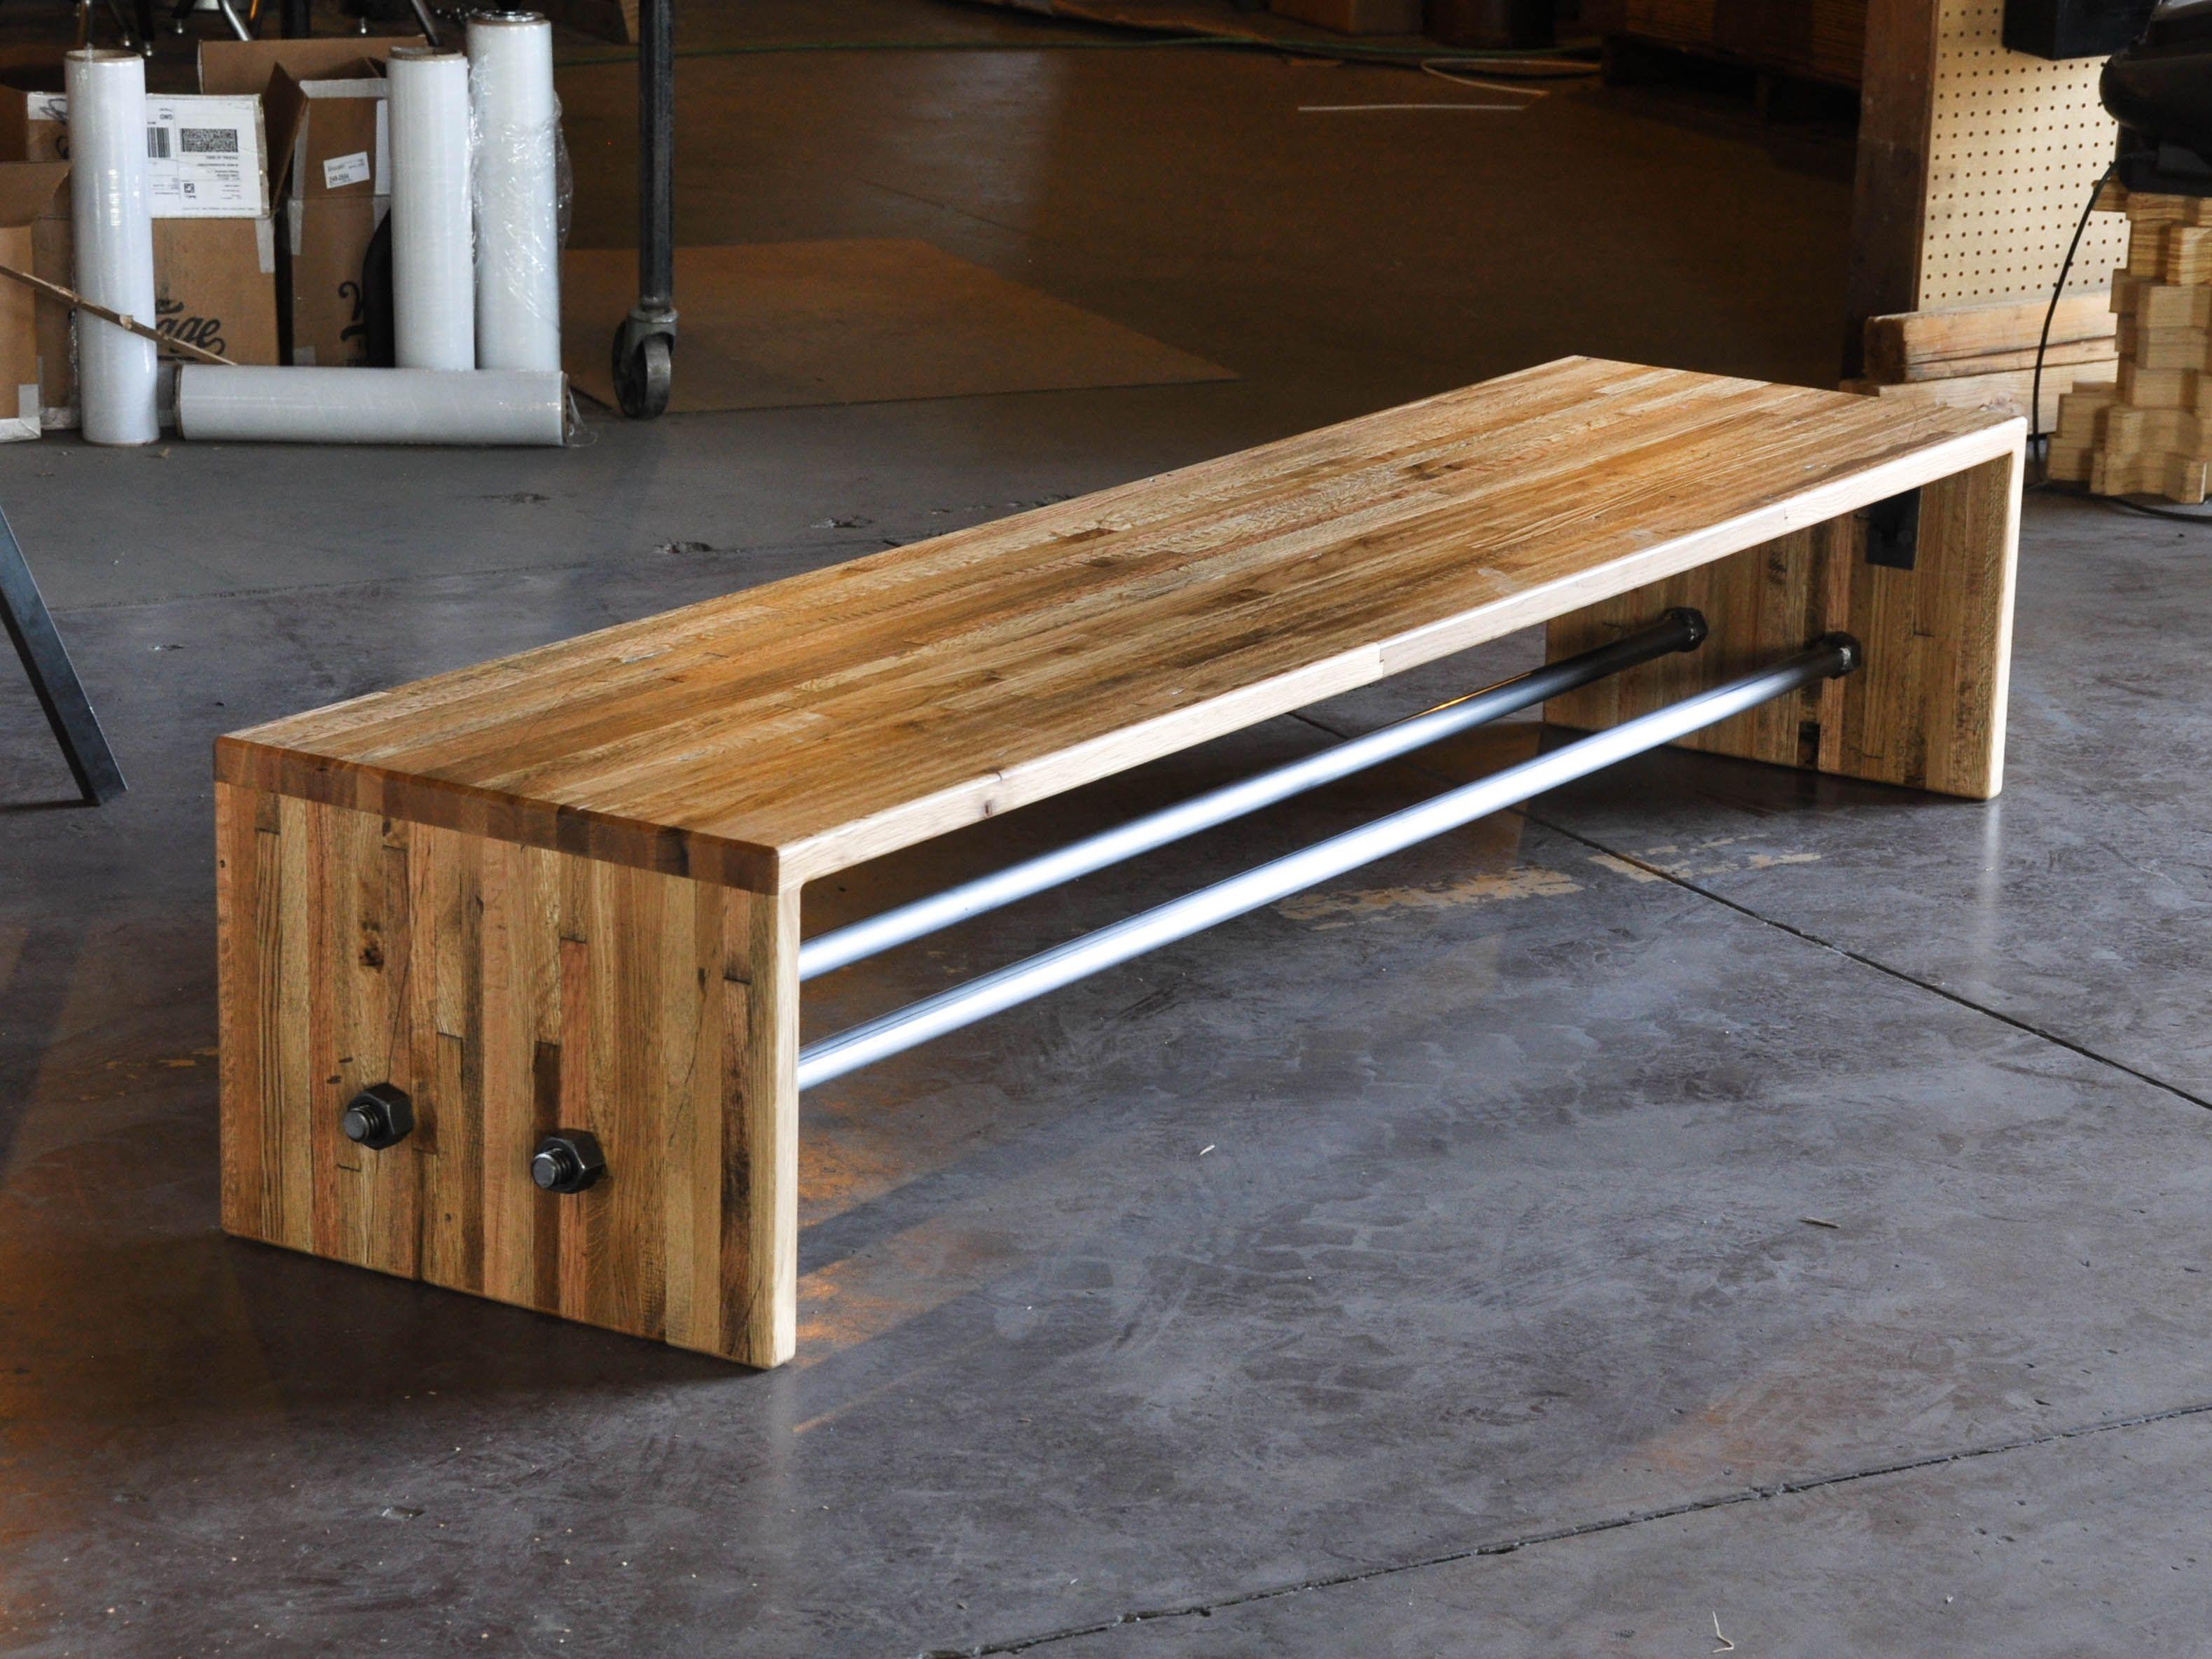 vintage industrial furniture tables design. a frame bench by vintage industrial furniture tables design o